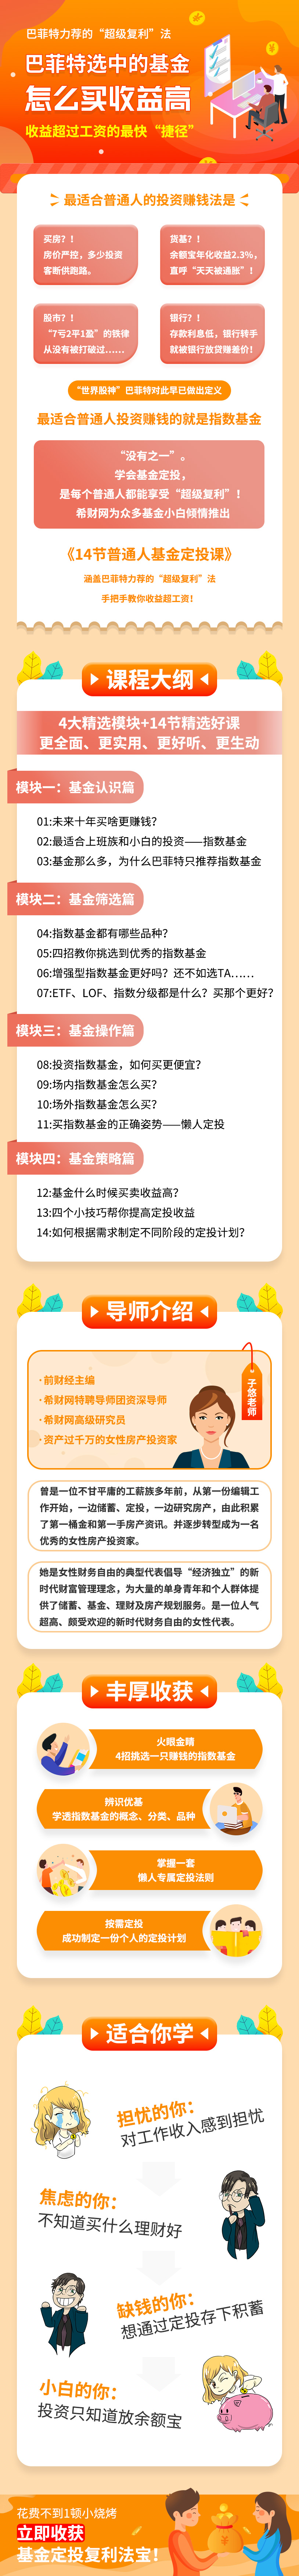 巴菲特选中的基金怎么买收益高(5)(1).jpg